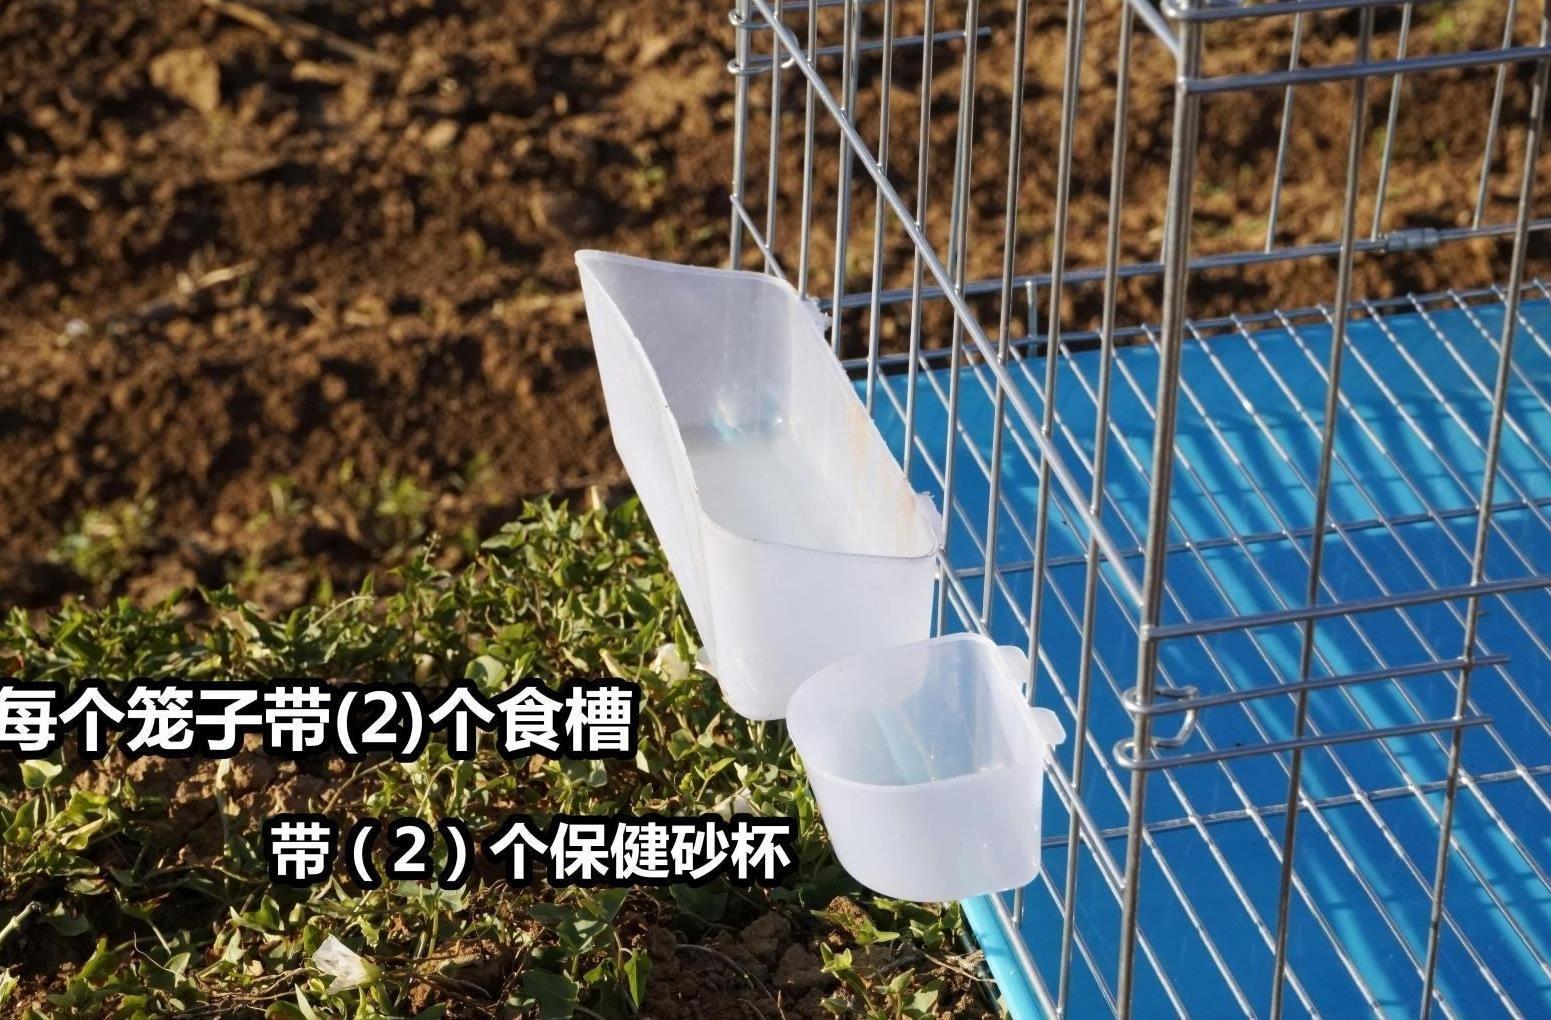 大鸽子笼 超大 巨型养鸽子的笼子全套家用大号加粗养殖笼子组合